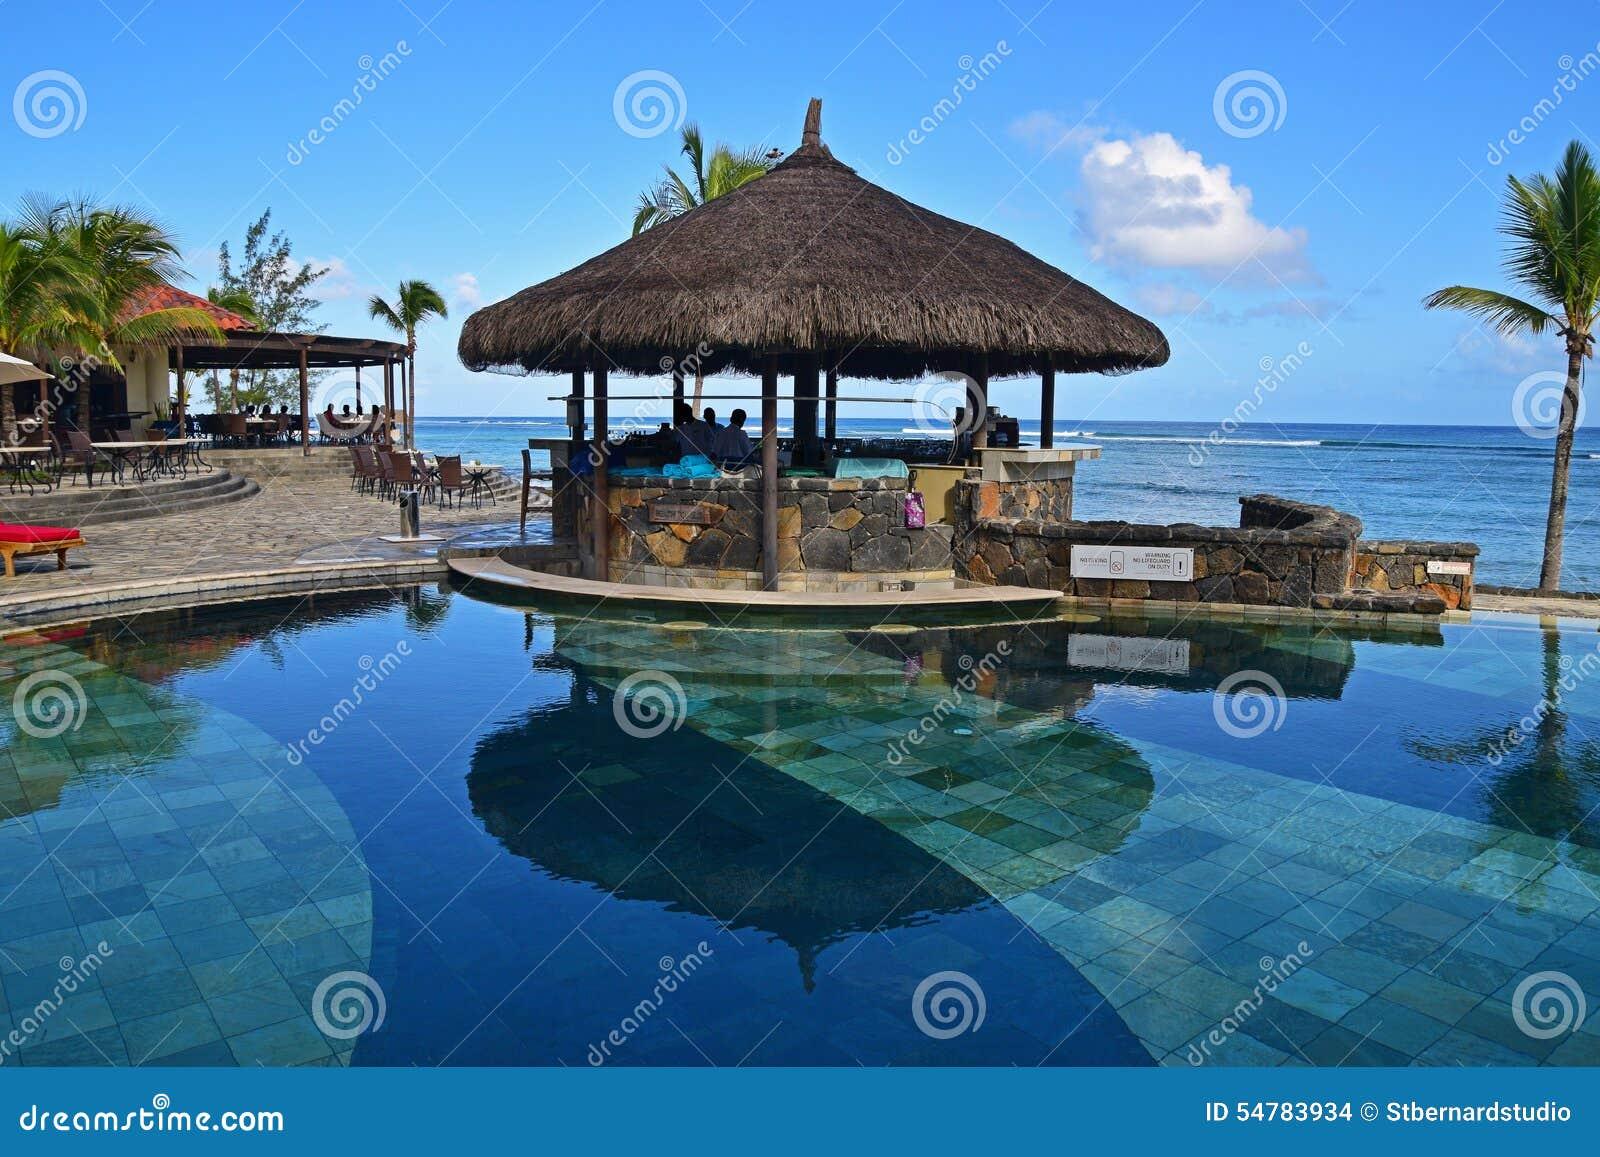 Barra del Gazebo al lado de una piscina en la playa tropical de un centro turístico del hotel